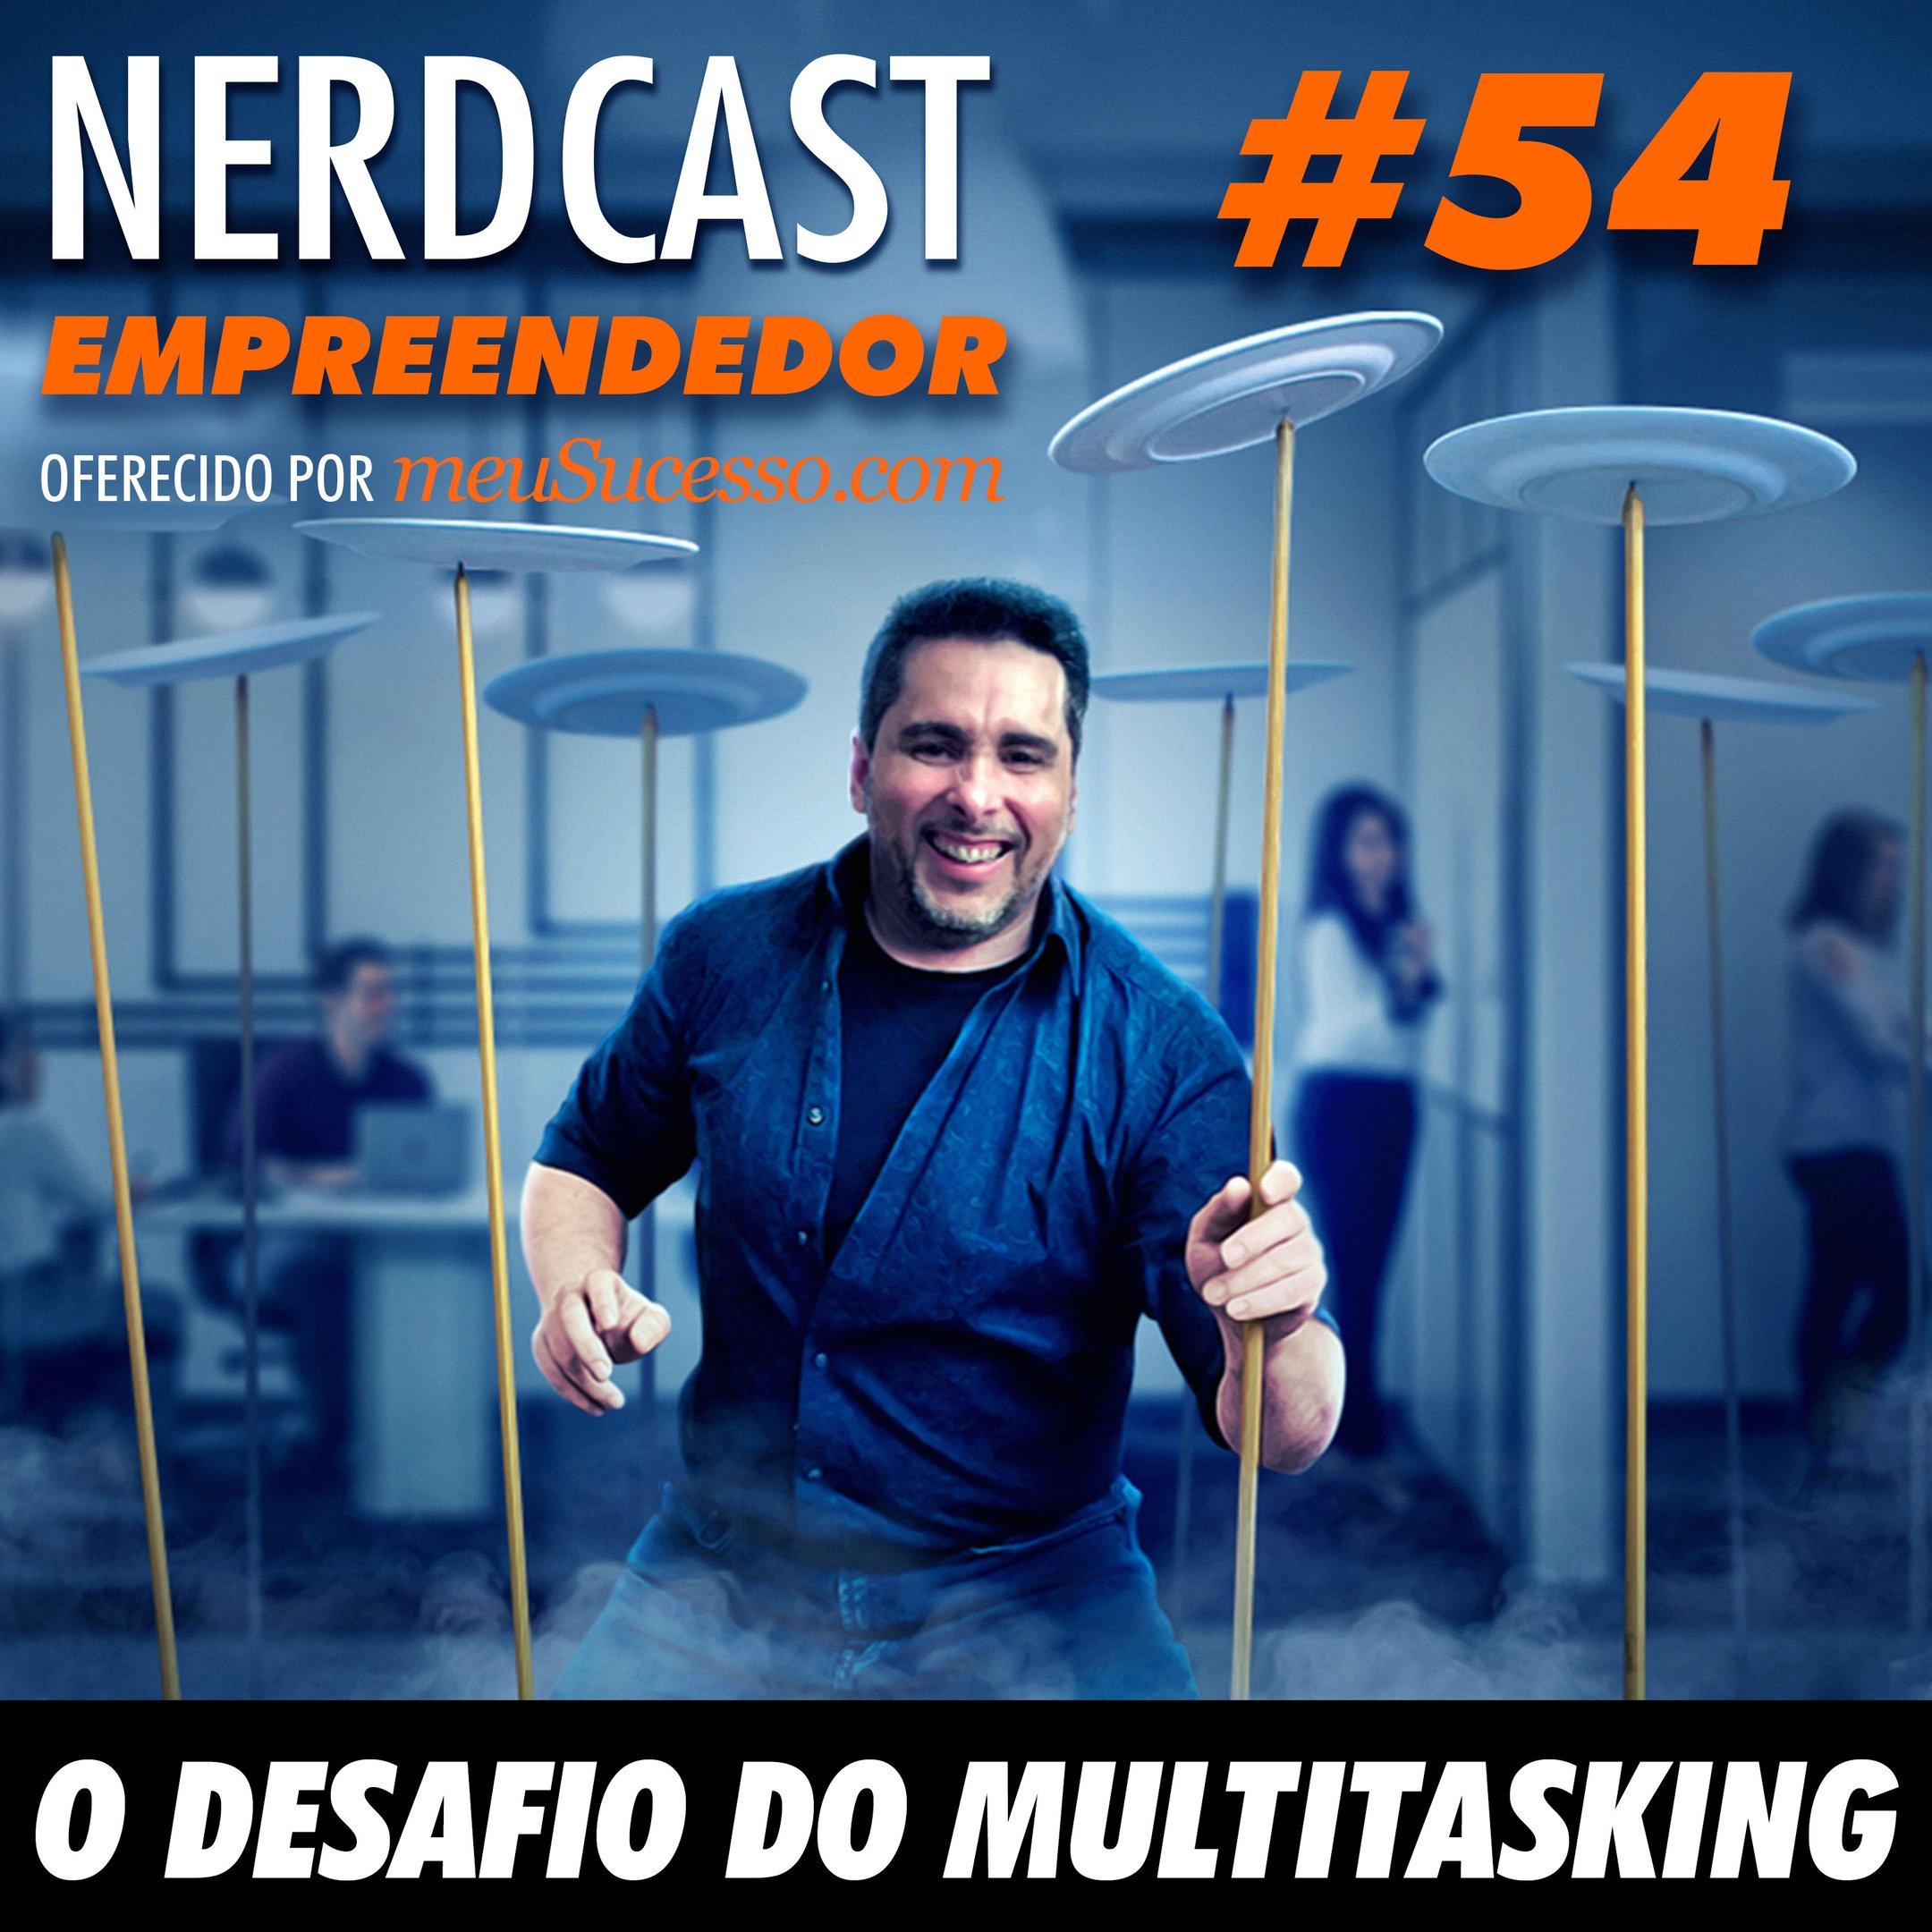 Empreendedor 54 - O desafio do multitasking